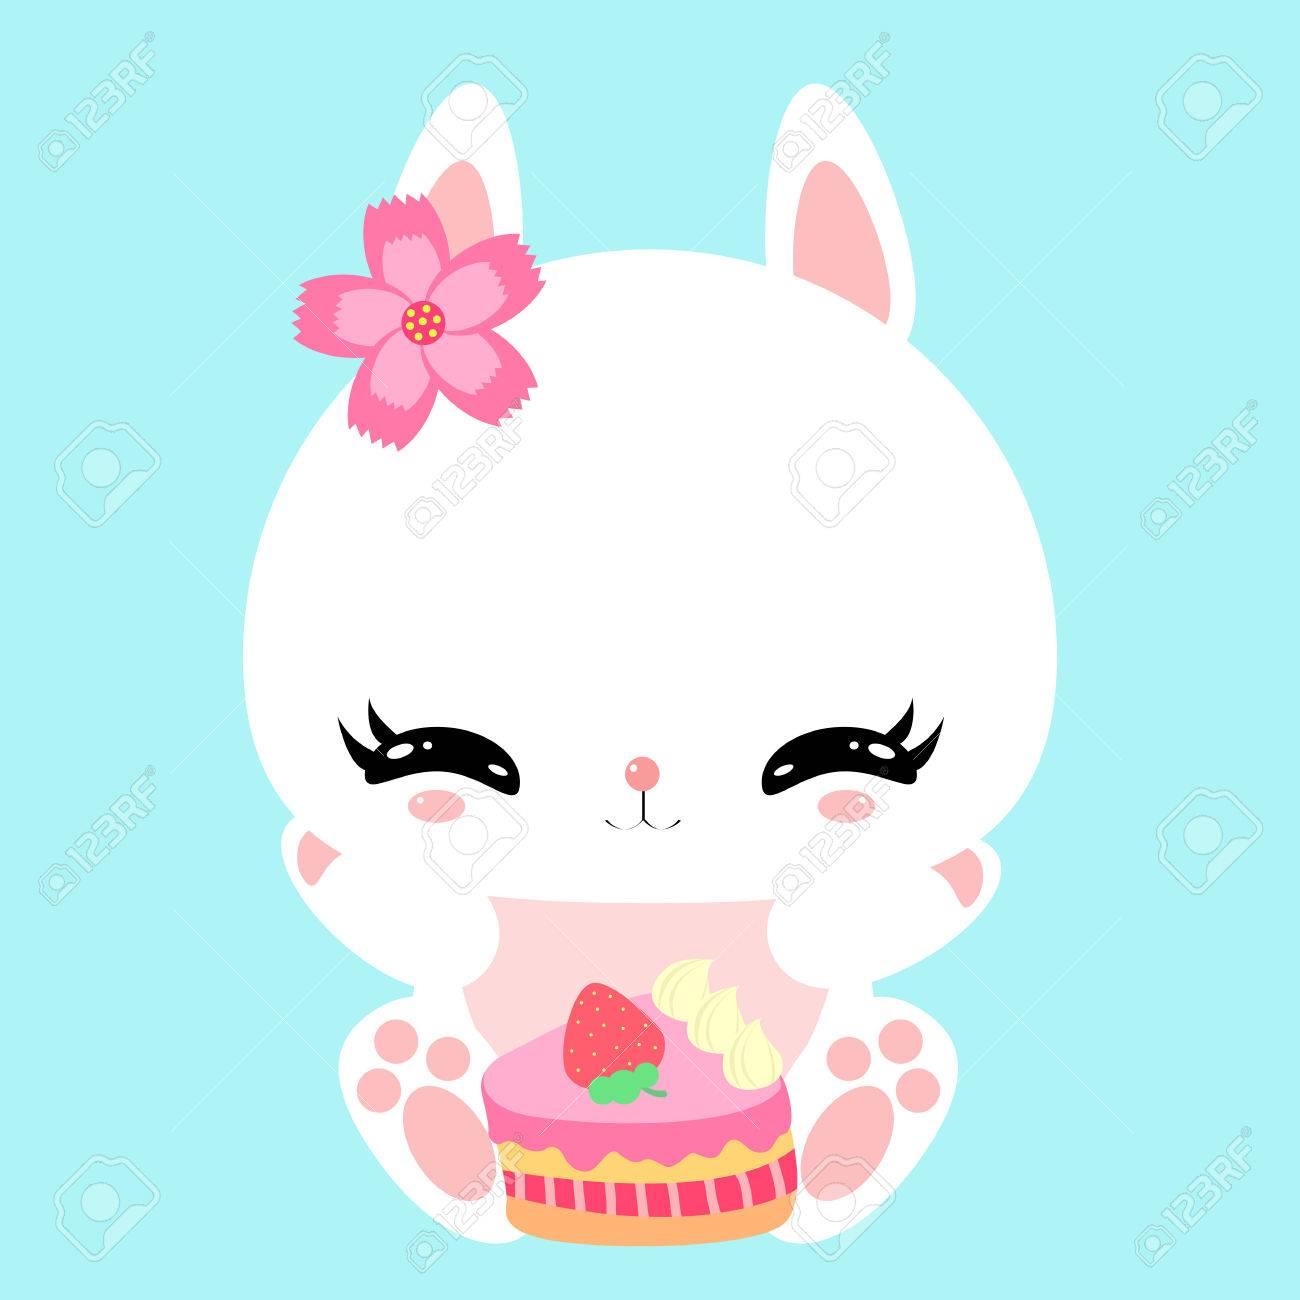 Netter Kleiner Hase Mit Einem Festlichen Kuchen Alles Gute Zum